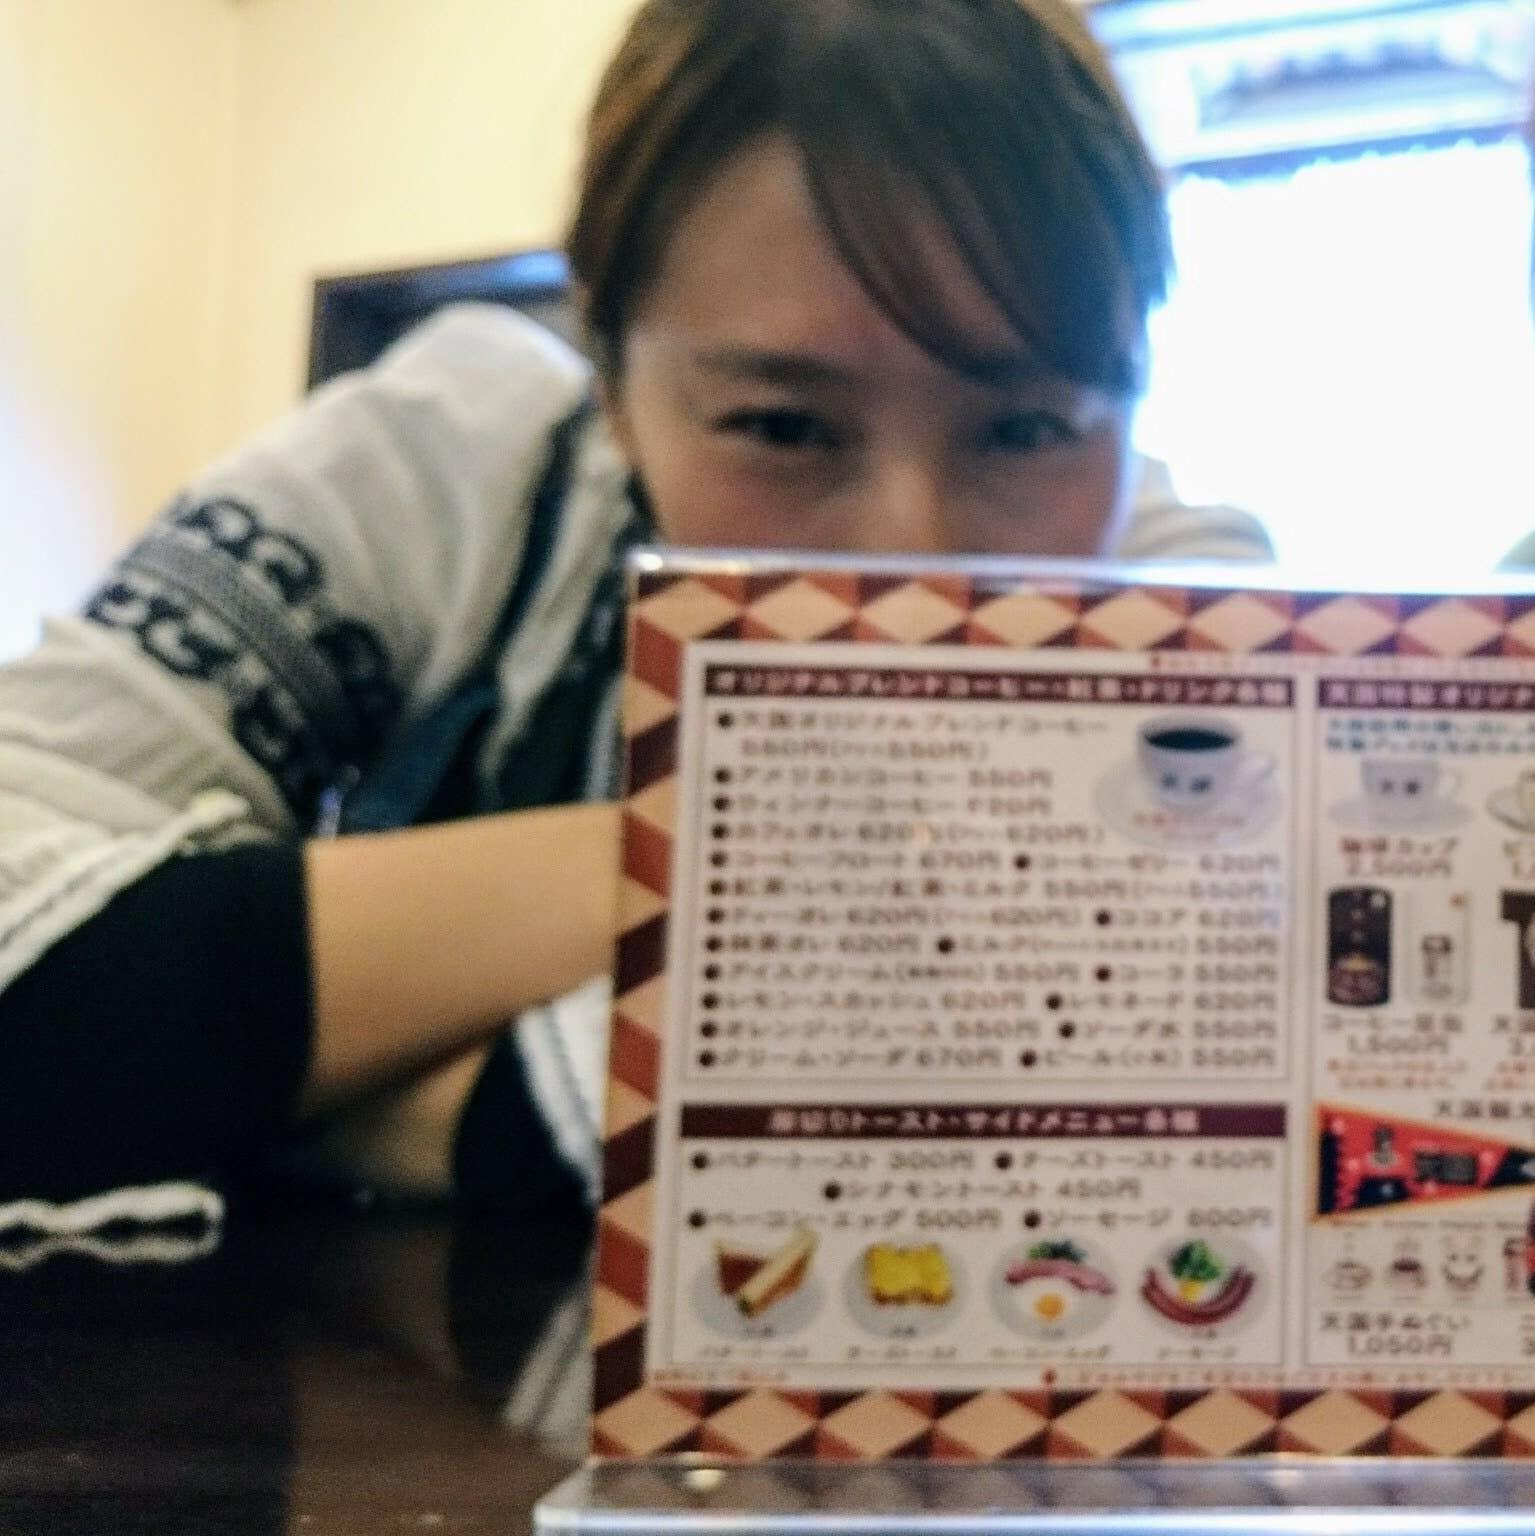 Yuki Shinoda